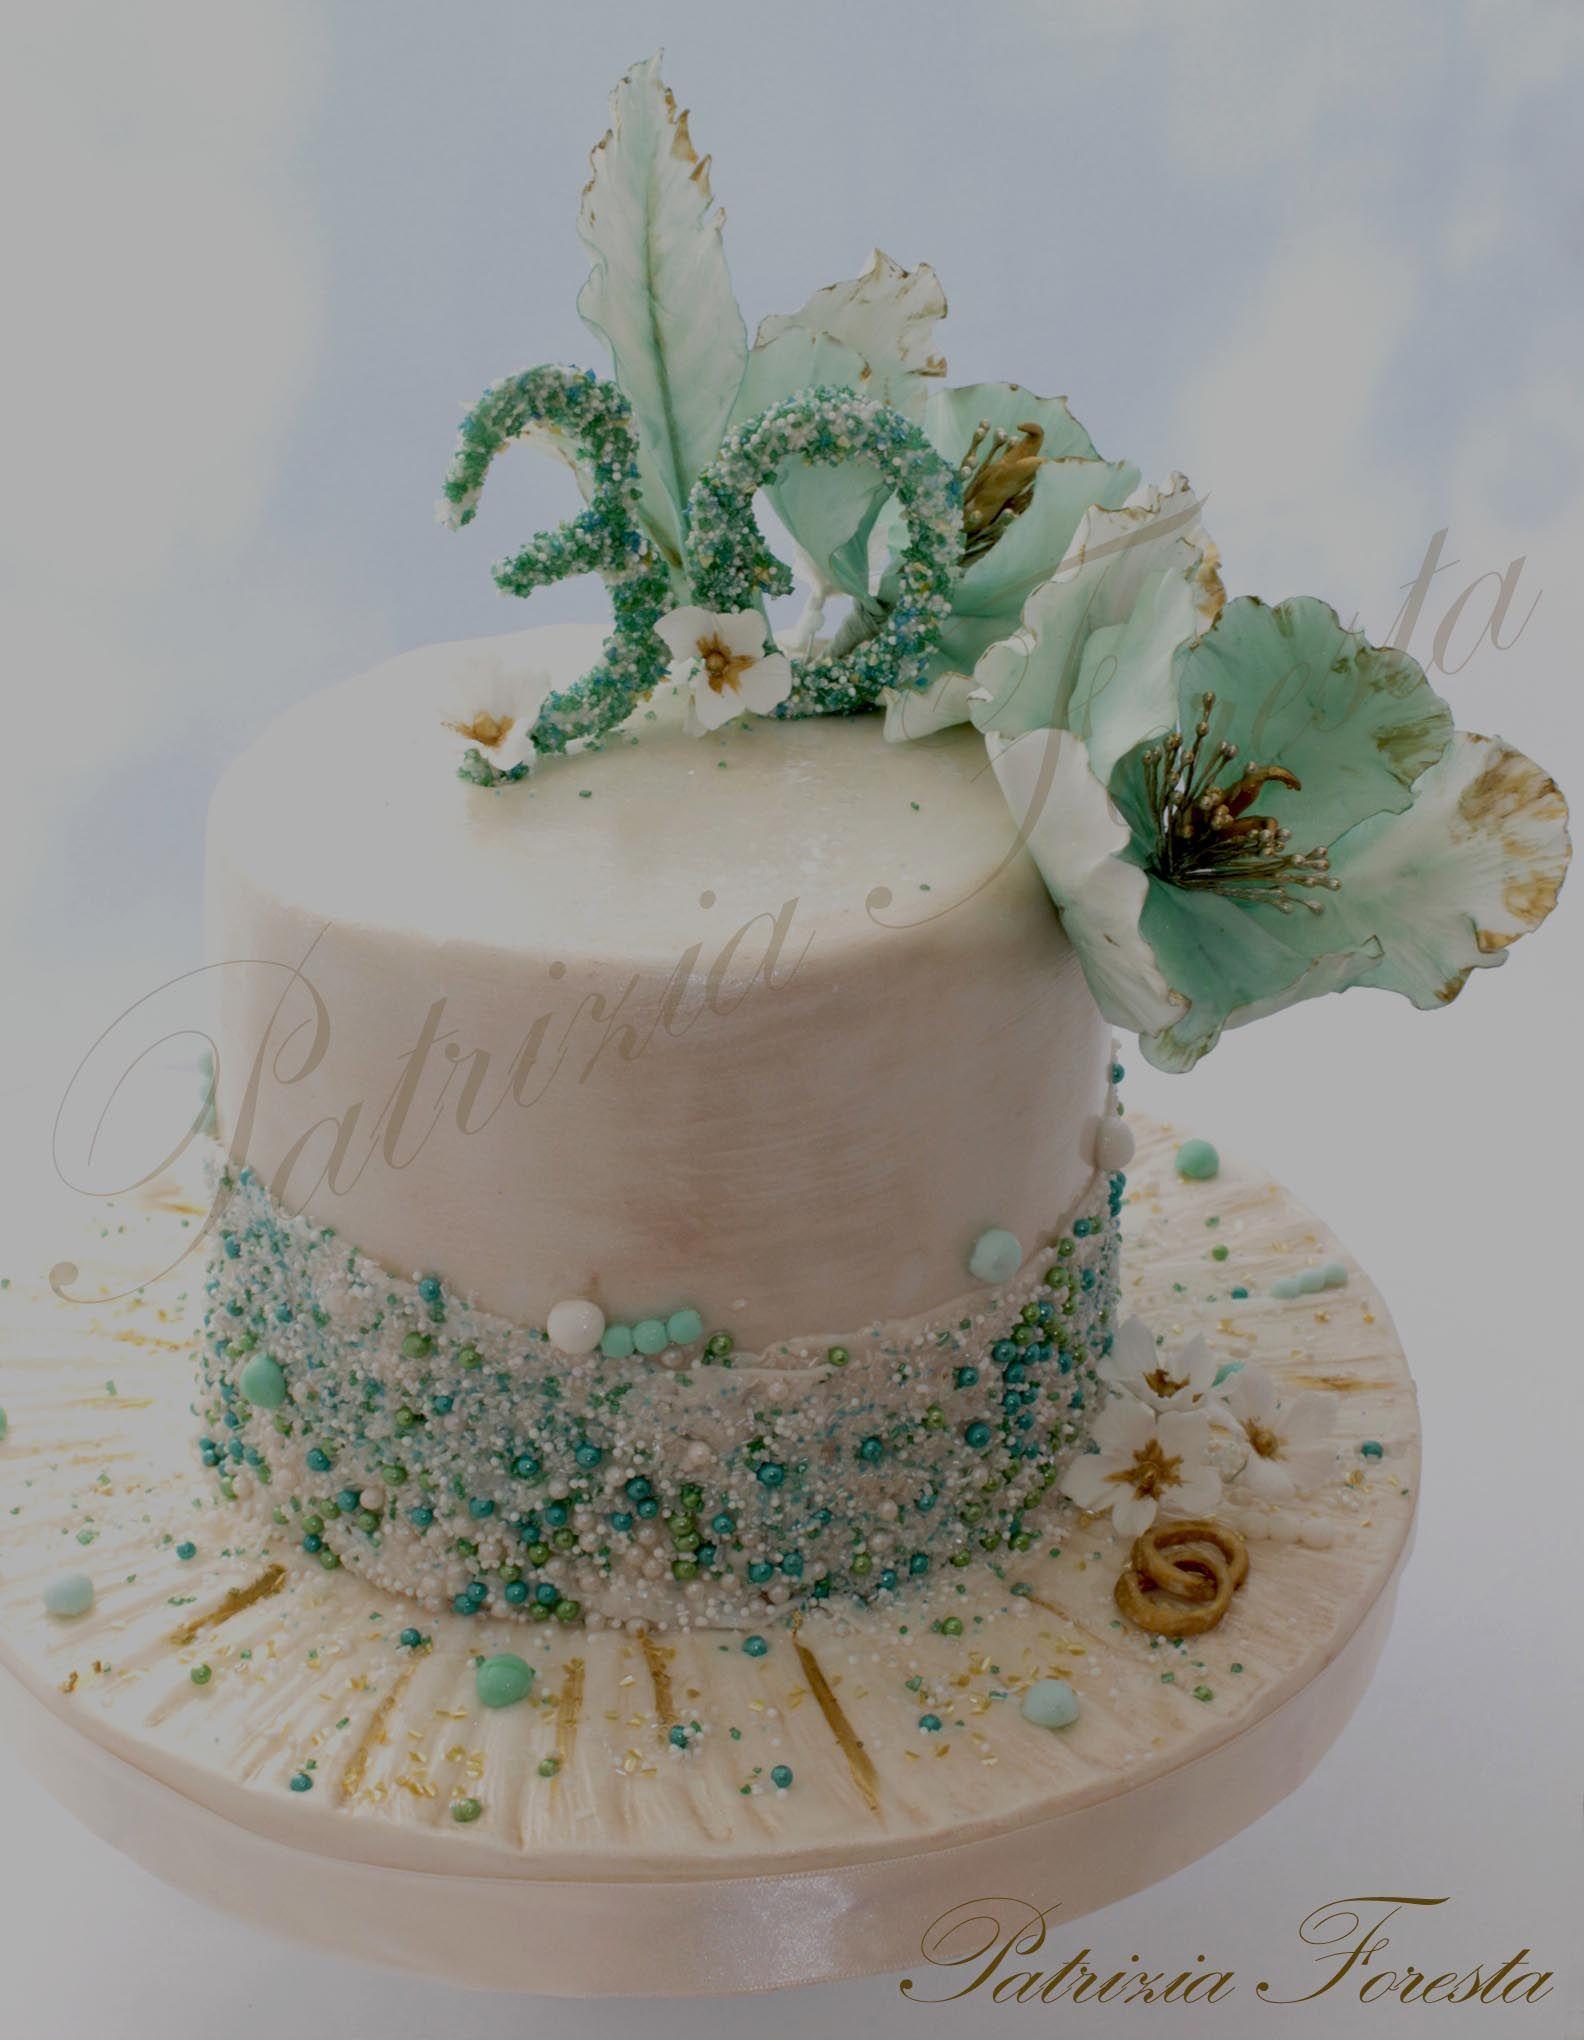 30 Anniversario Di Matrimonio Nozze Di Perla Colore Acquamarina Con Immagini Anniversario Di Matrimonio Torte Anniversario